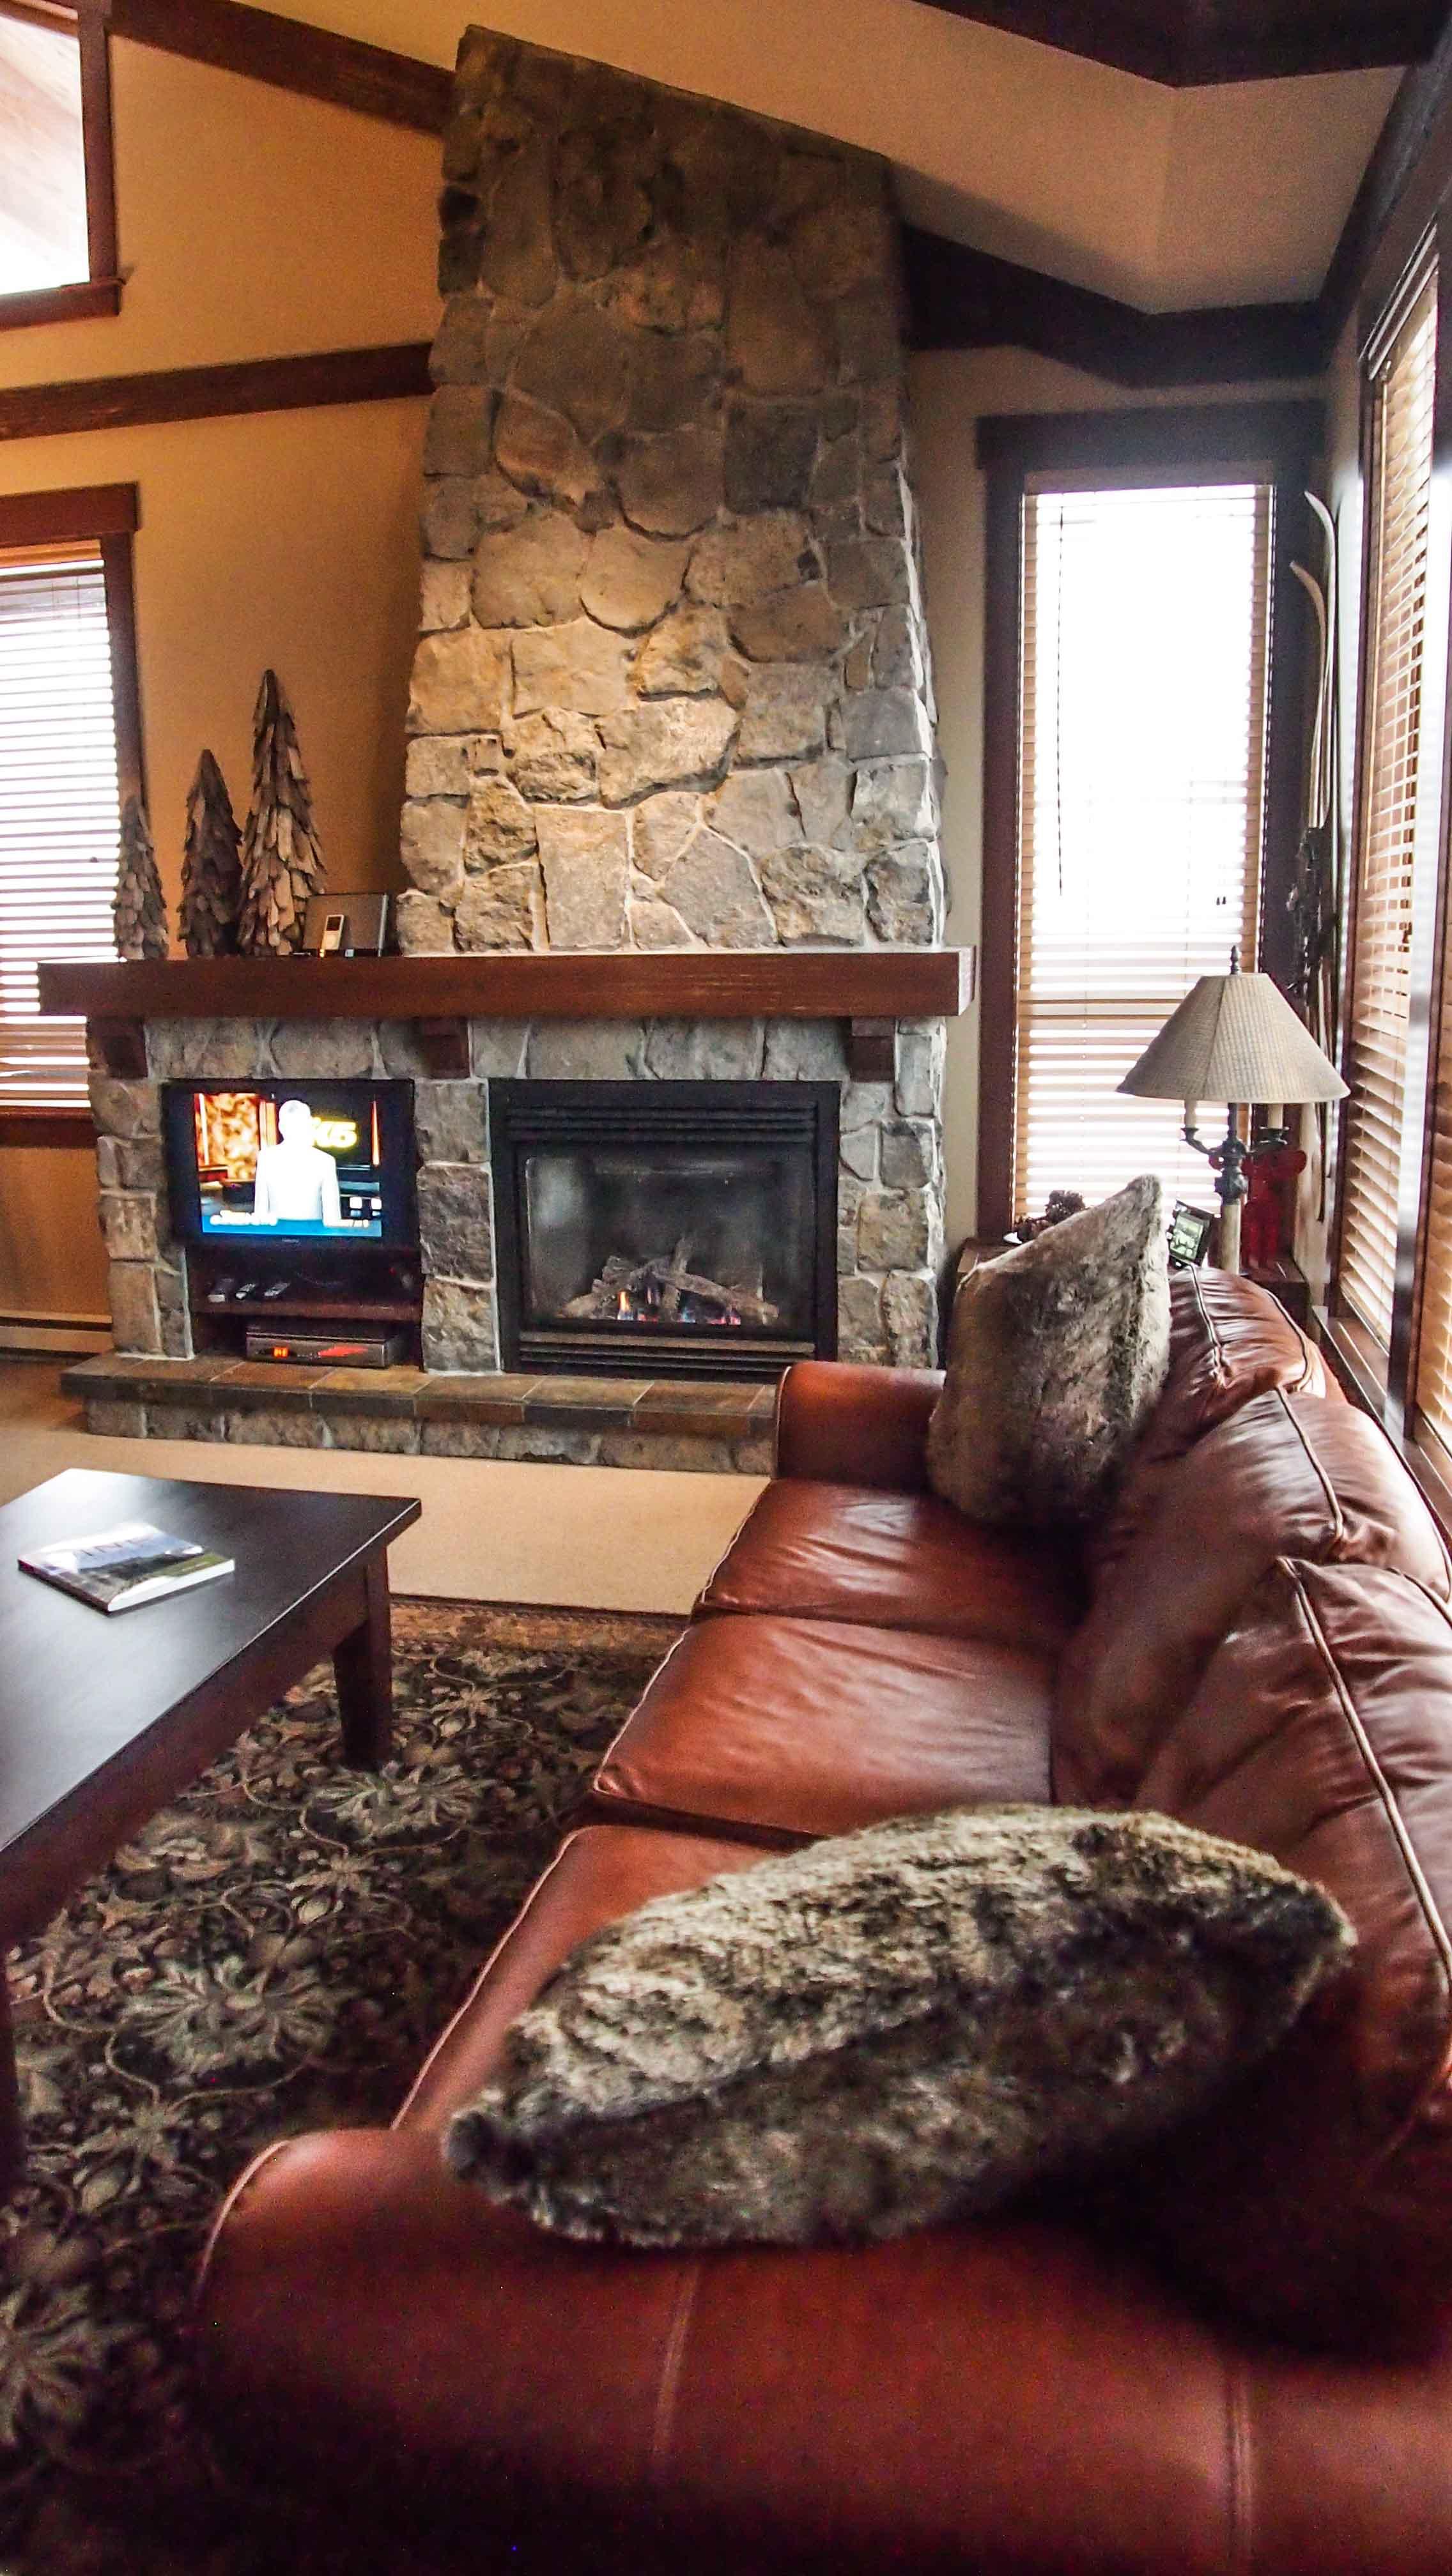 Enjoy the luxury stay at Stonebridge Lodge #2404